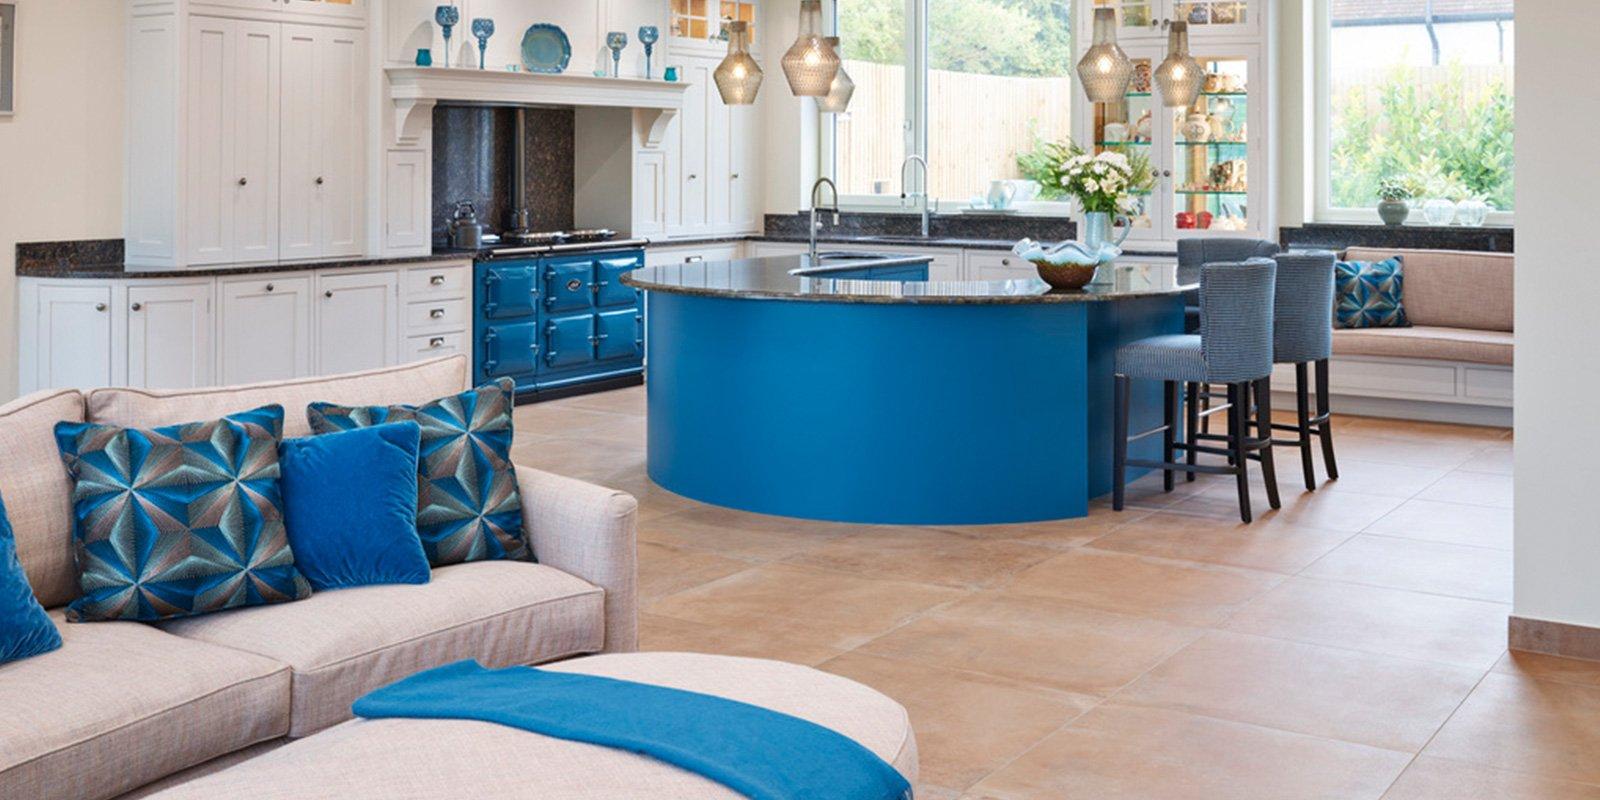 jane cheel completed kitchen